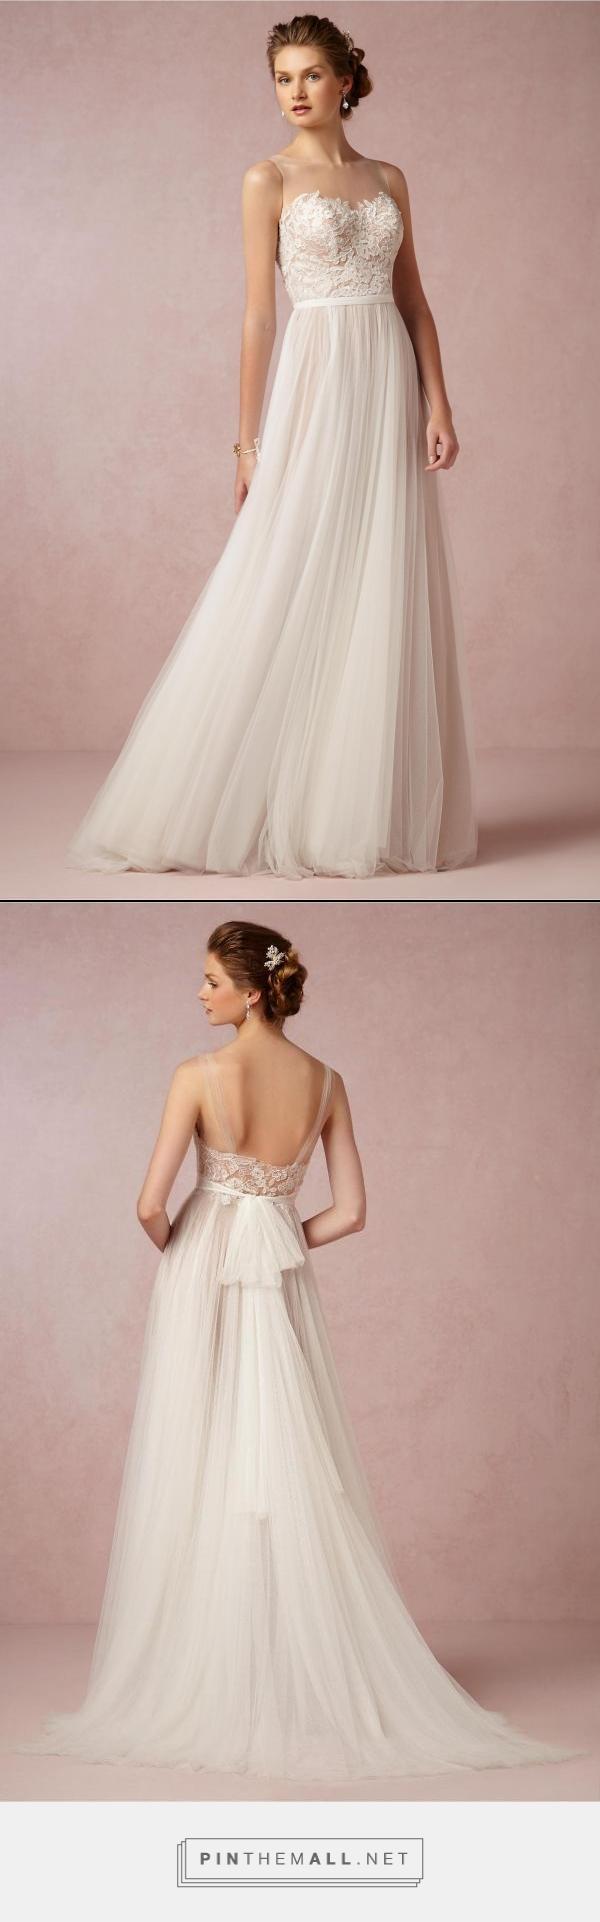 Vistoso Vestidos De Novia Inspirados En El Griego Imágenes ...